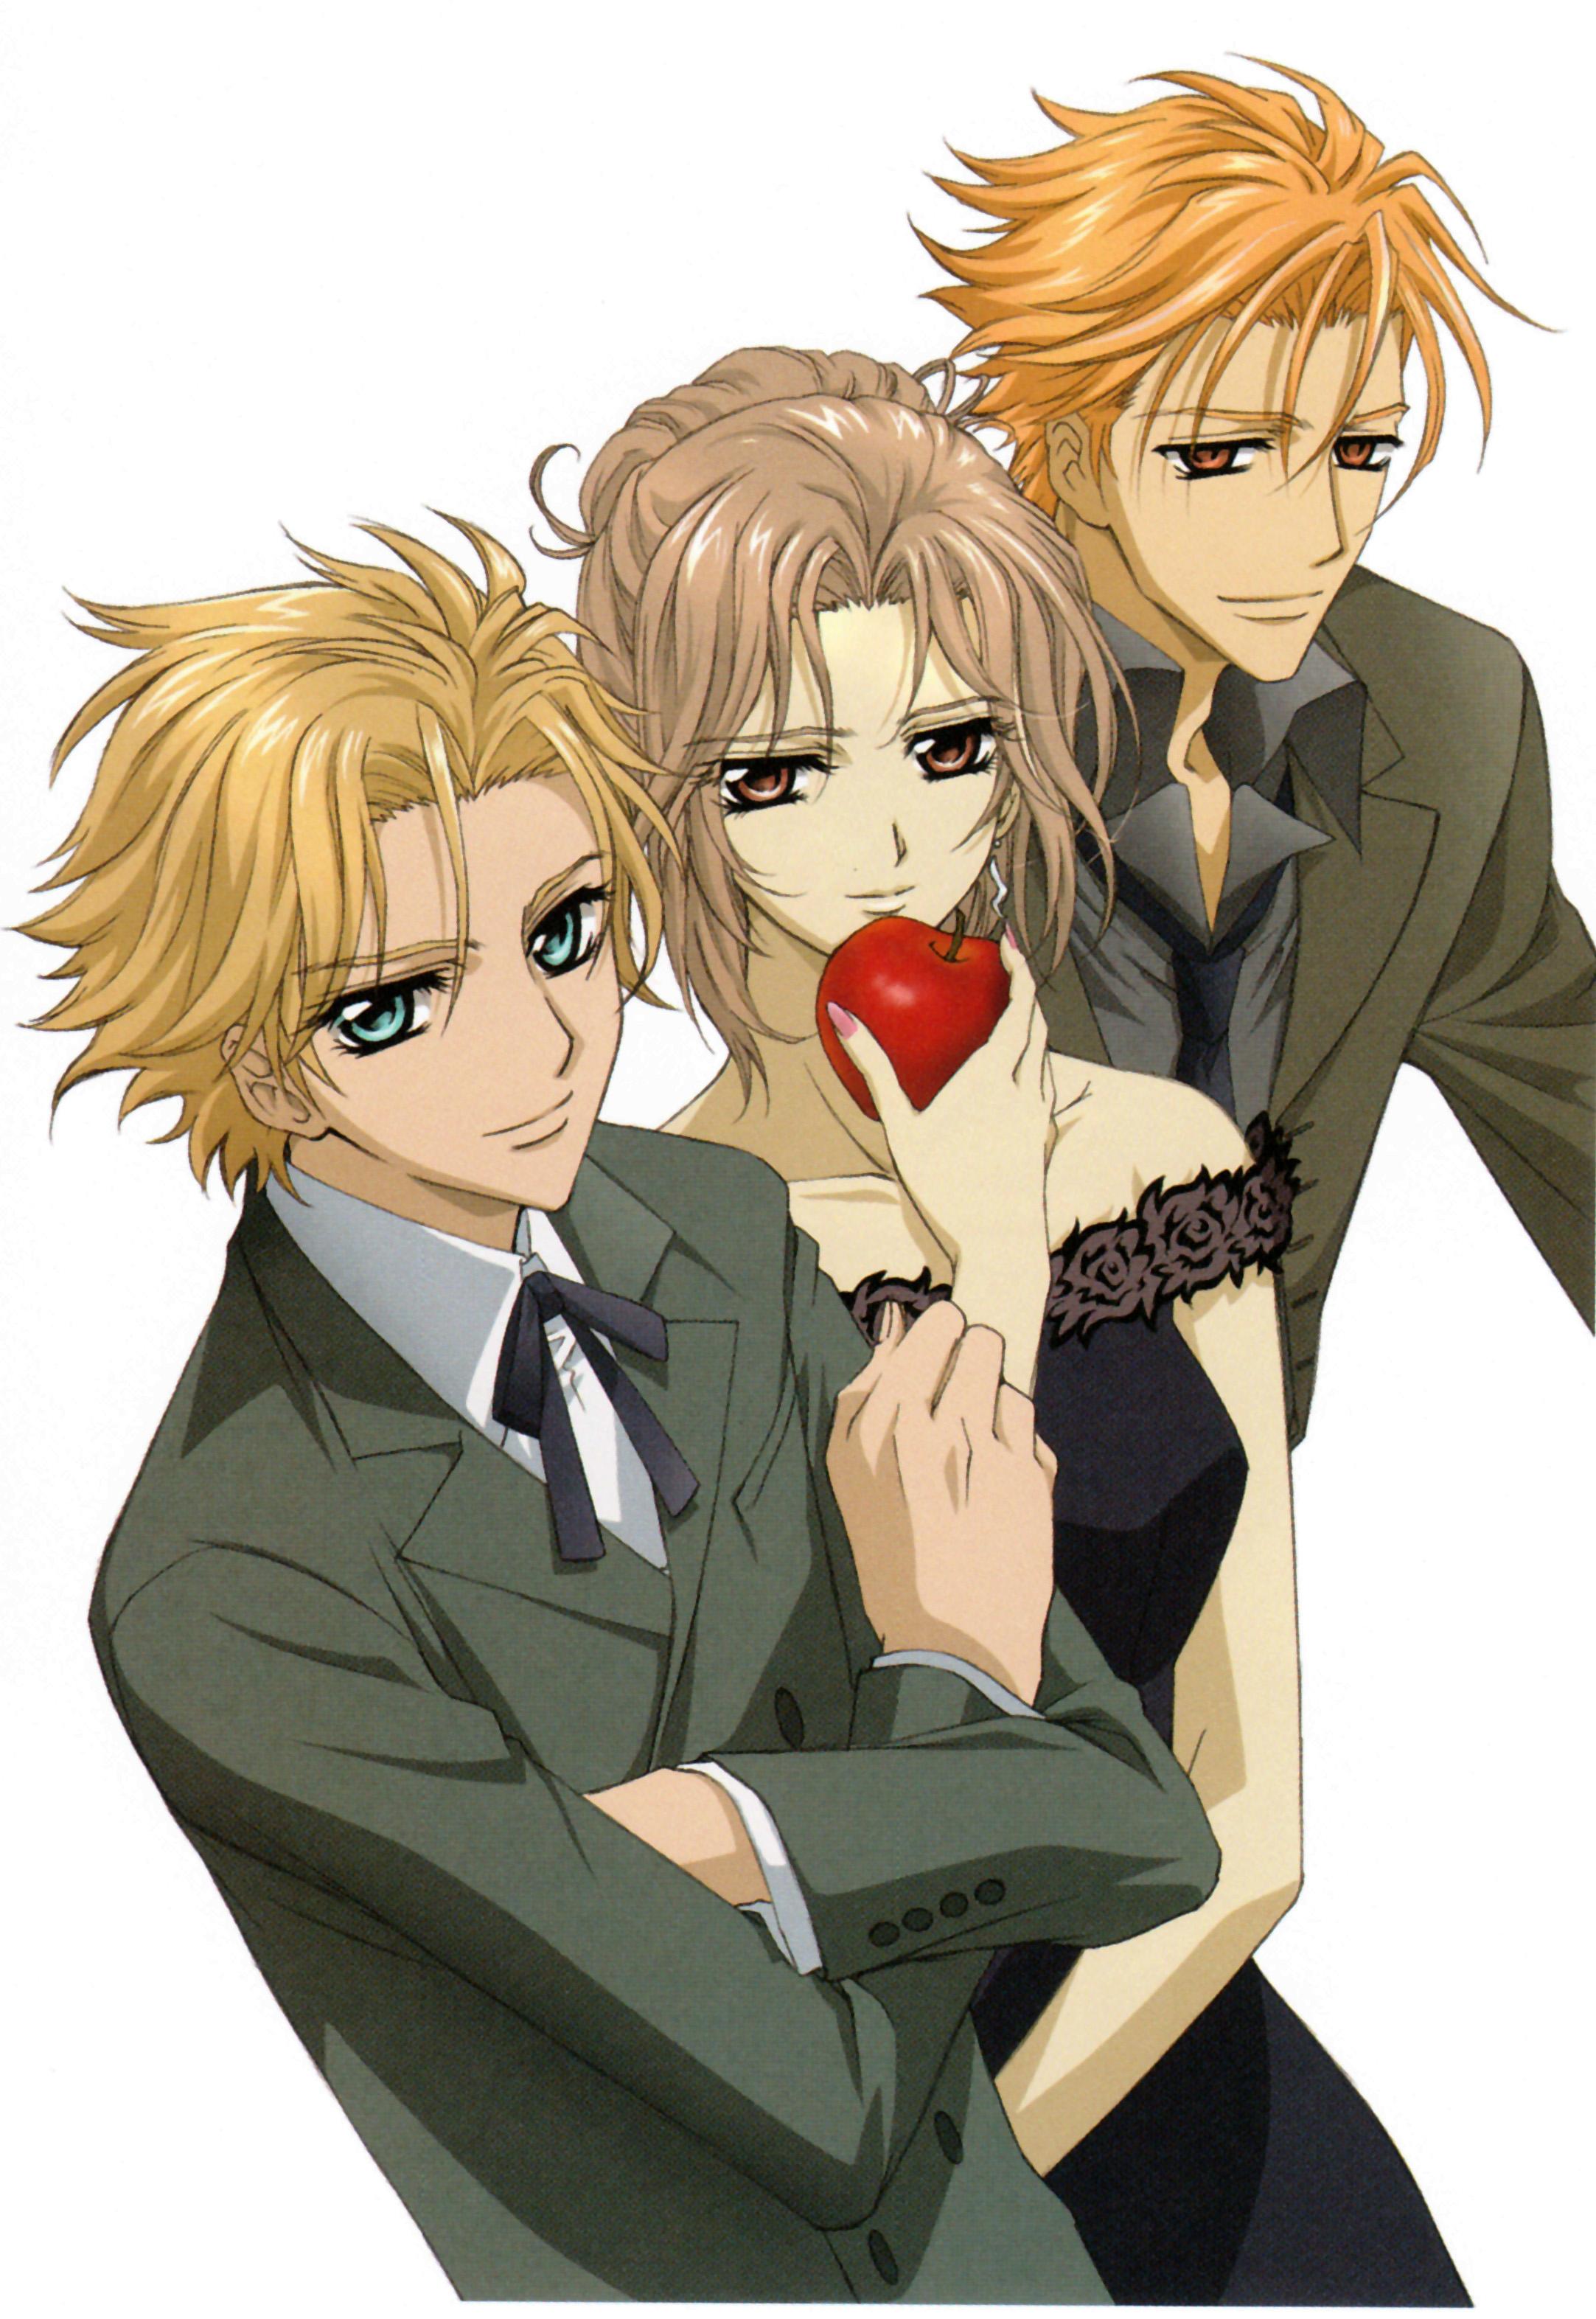 Hanabusa Aidou, Ruka and Kain